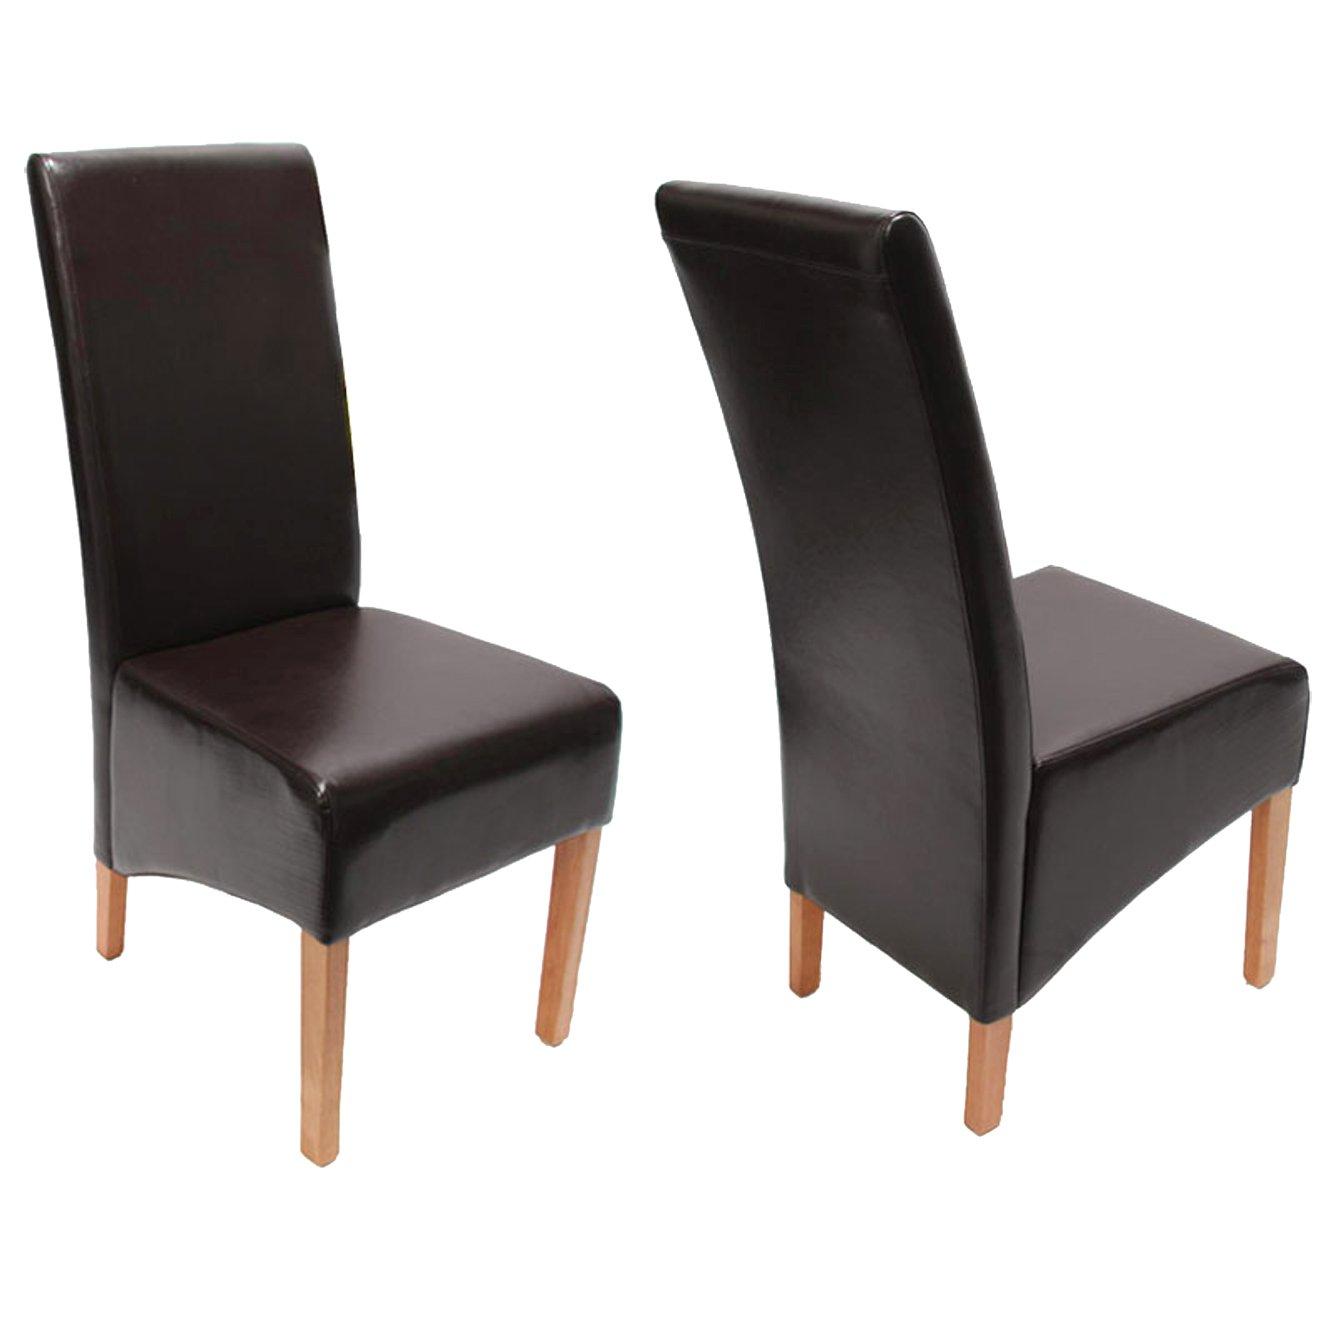 Lote 6 sillas de comedor siena ii en piel marr n lote 6 for Sillas comedor cuero marron